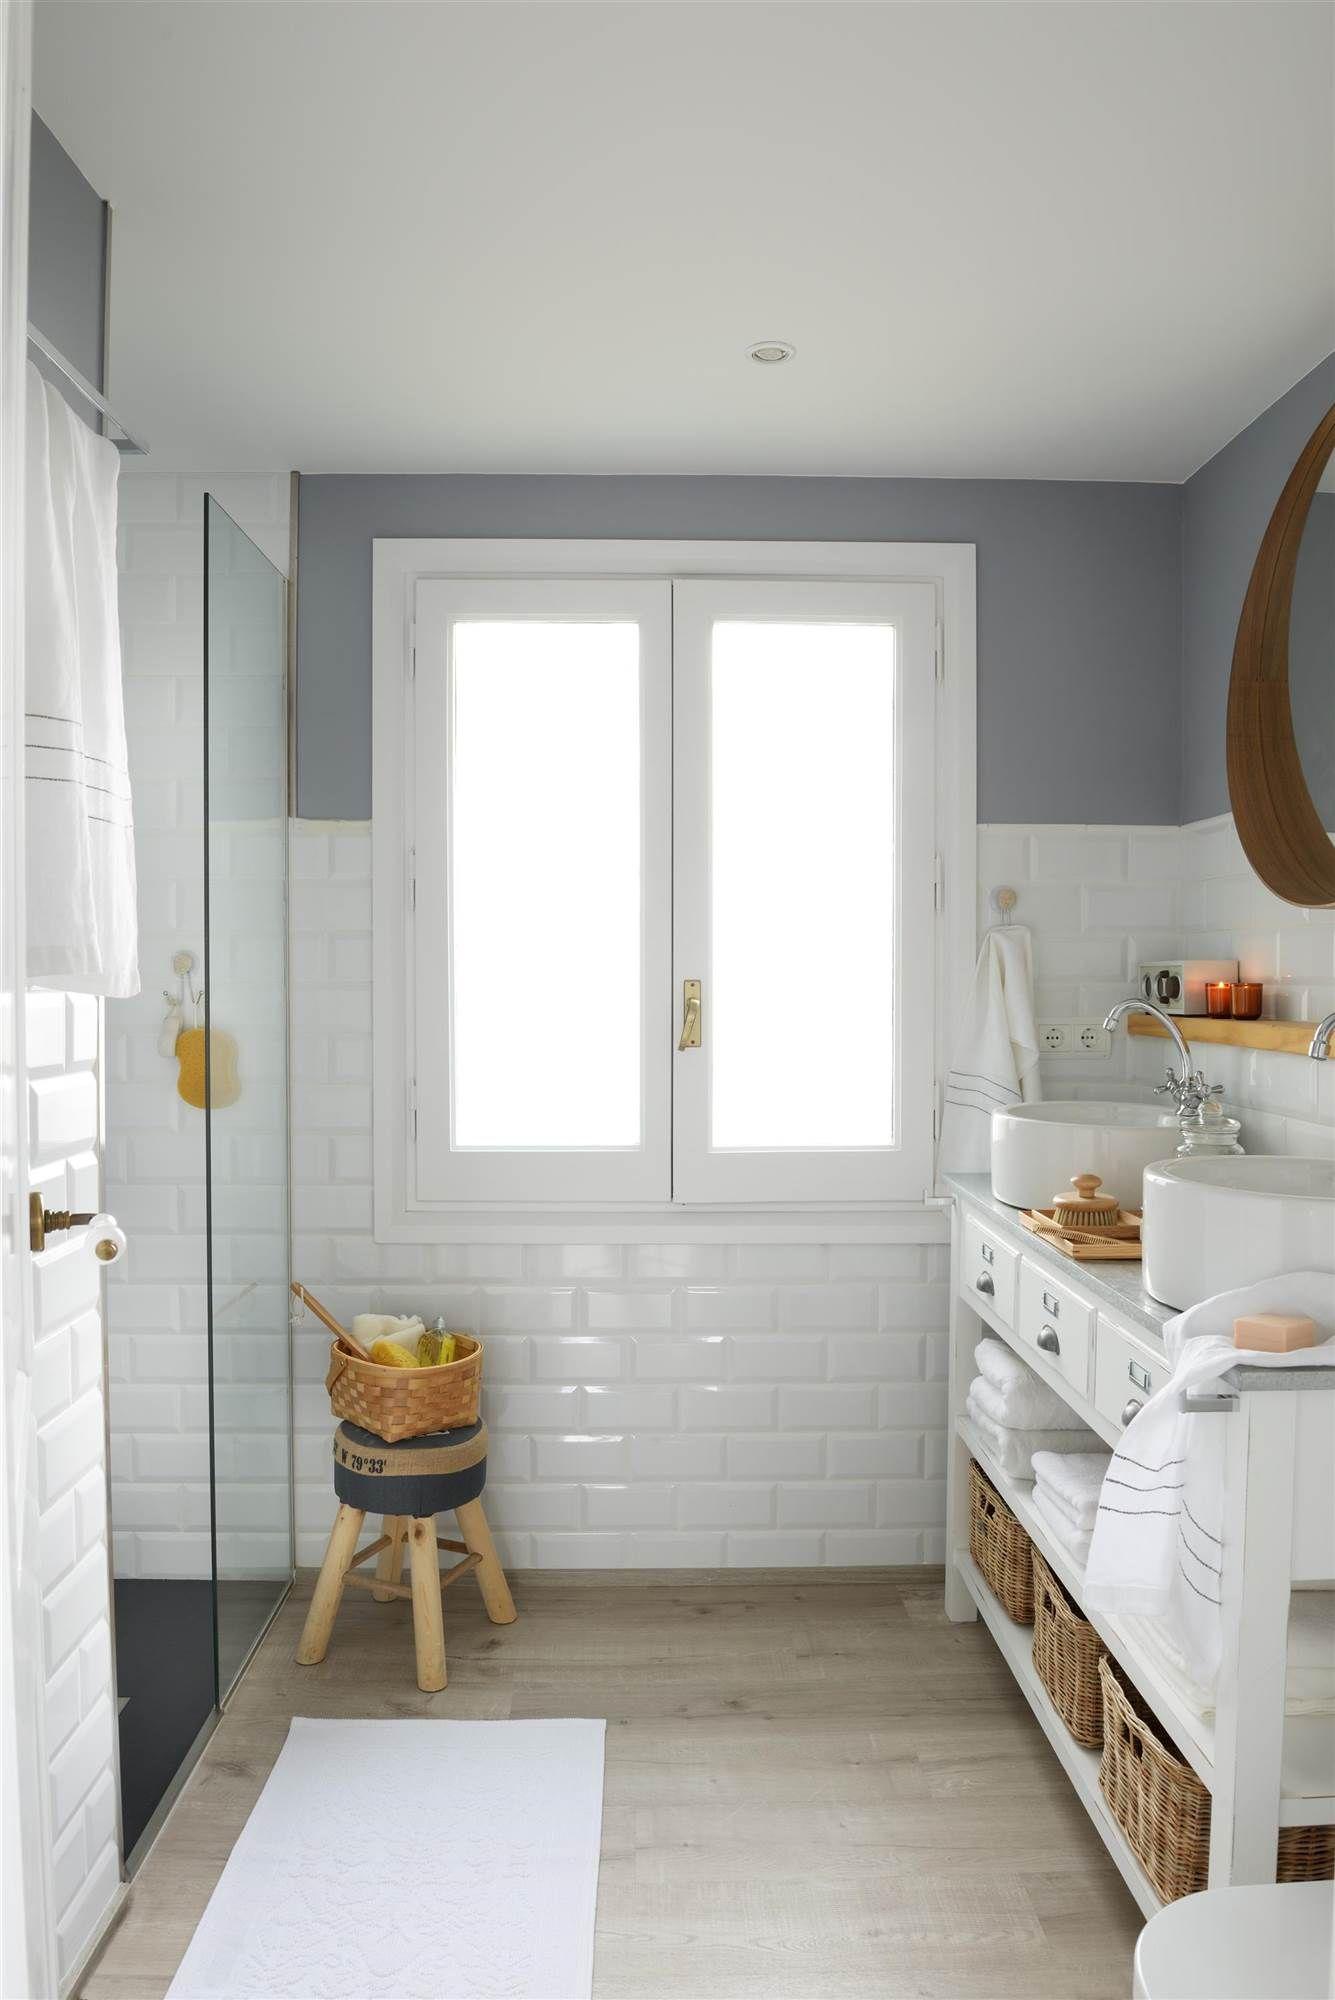 Muebles baño: Decoración, accesorios, mamparas y azulejos - ElMueble ...